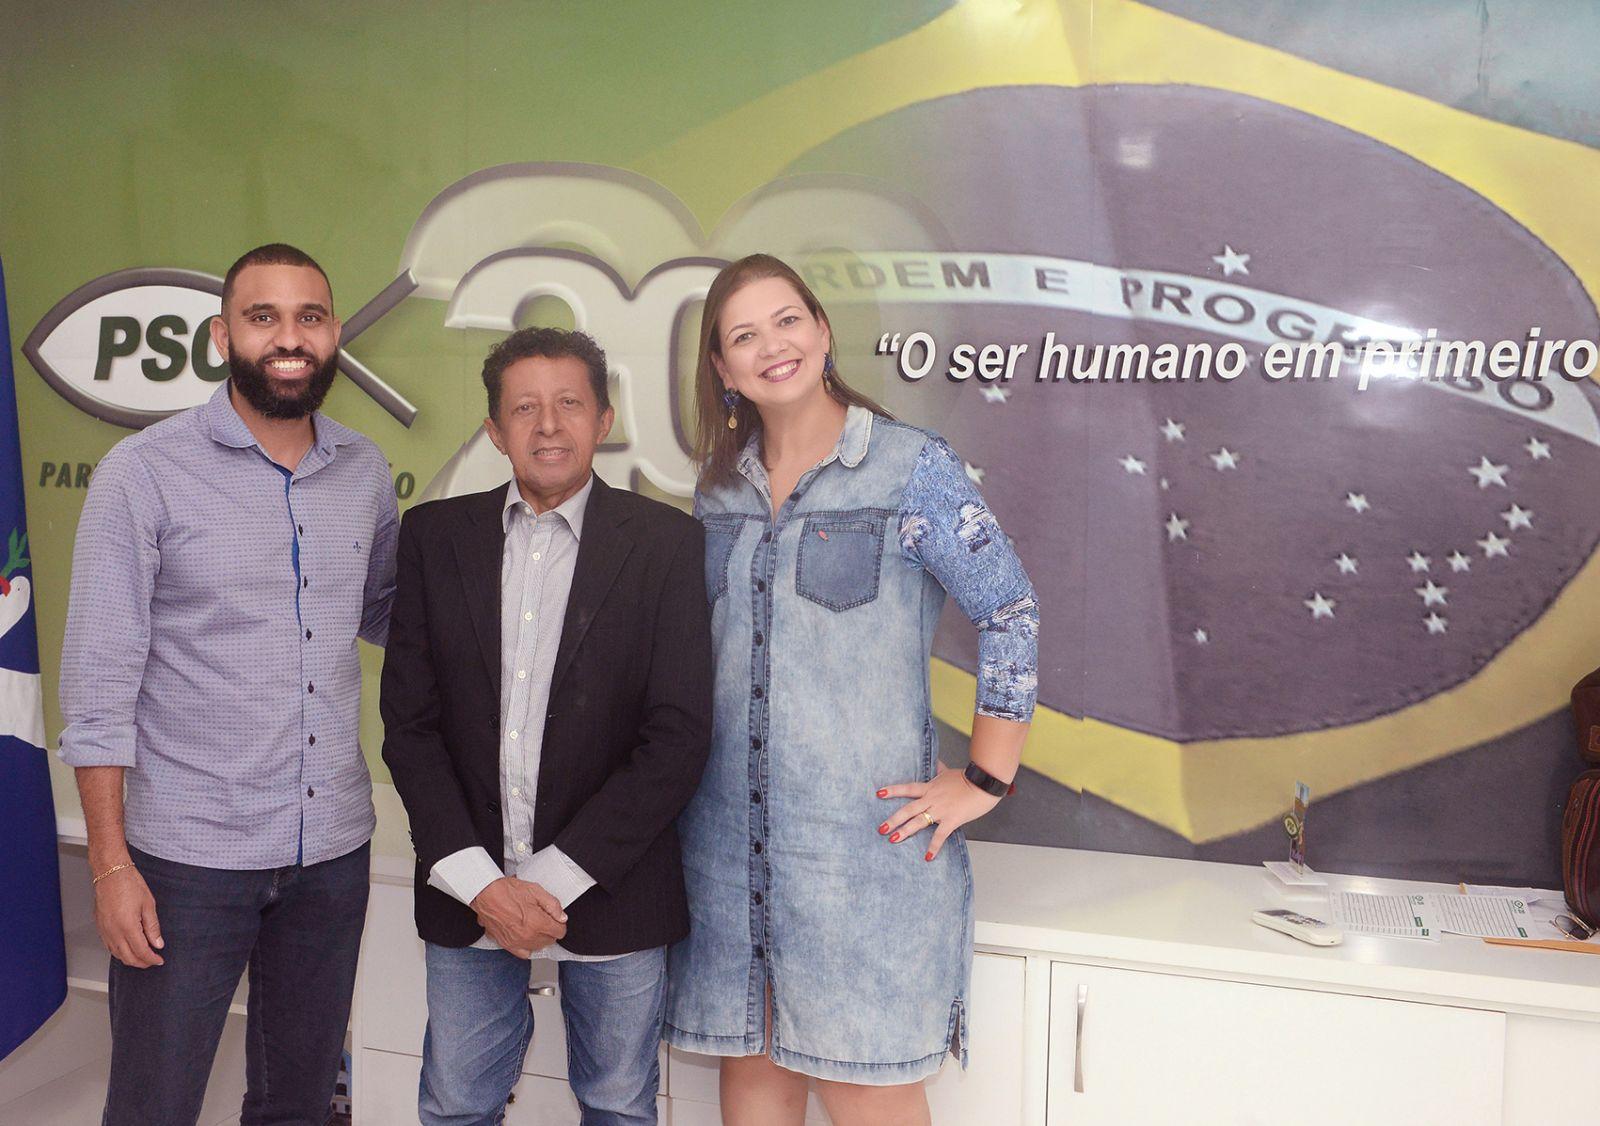 Valterio Pacheco pré-candidato a Vereador entre Heber Santana o presidente do Partido no Estado e Jamime presidente Mulher do Partido